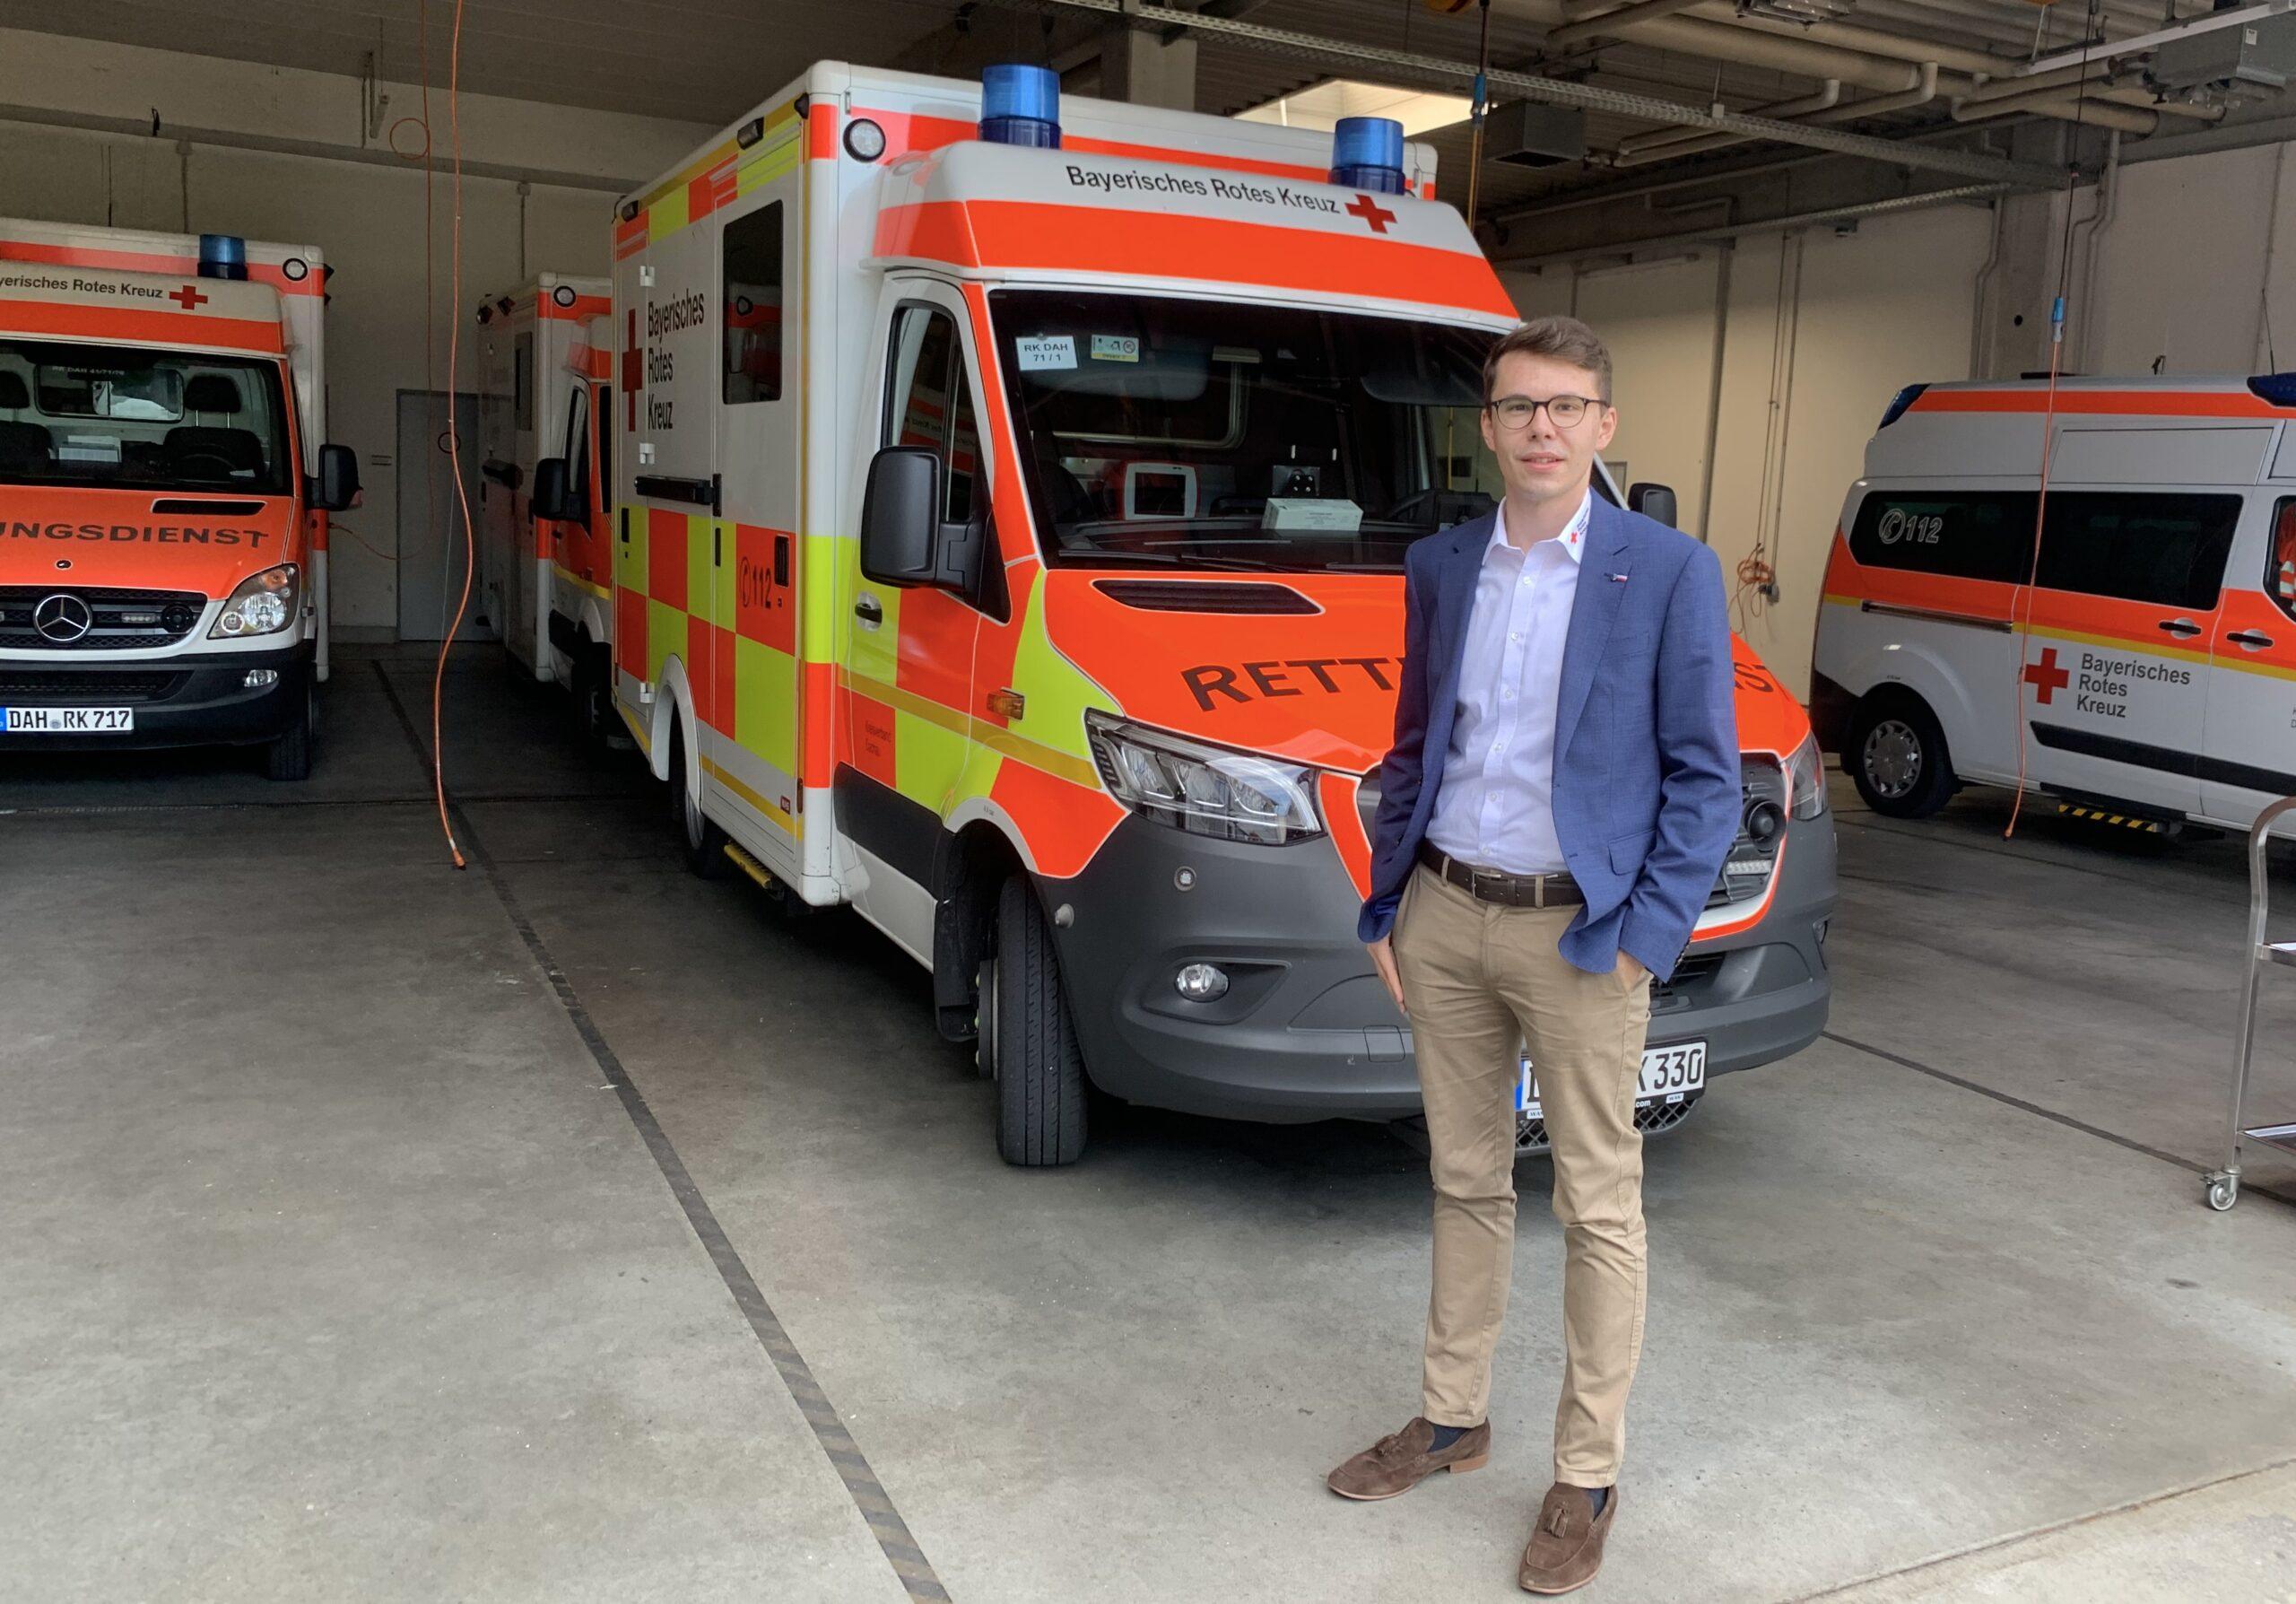 Foto: Dennis Behrendt in der Rettungswache Gröbenried.